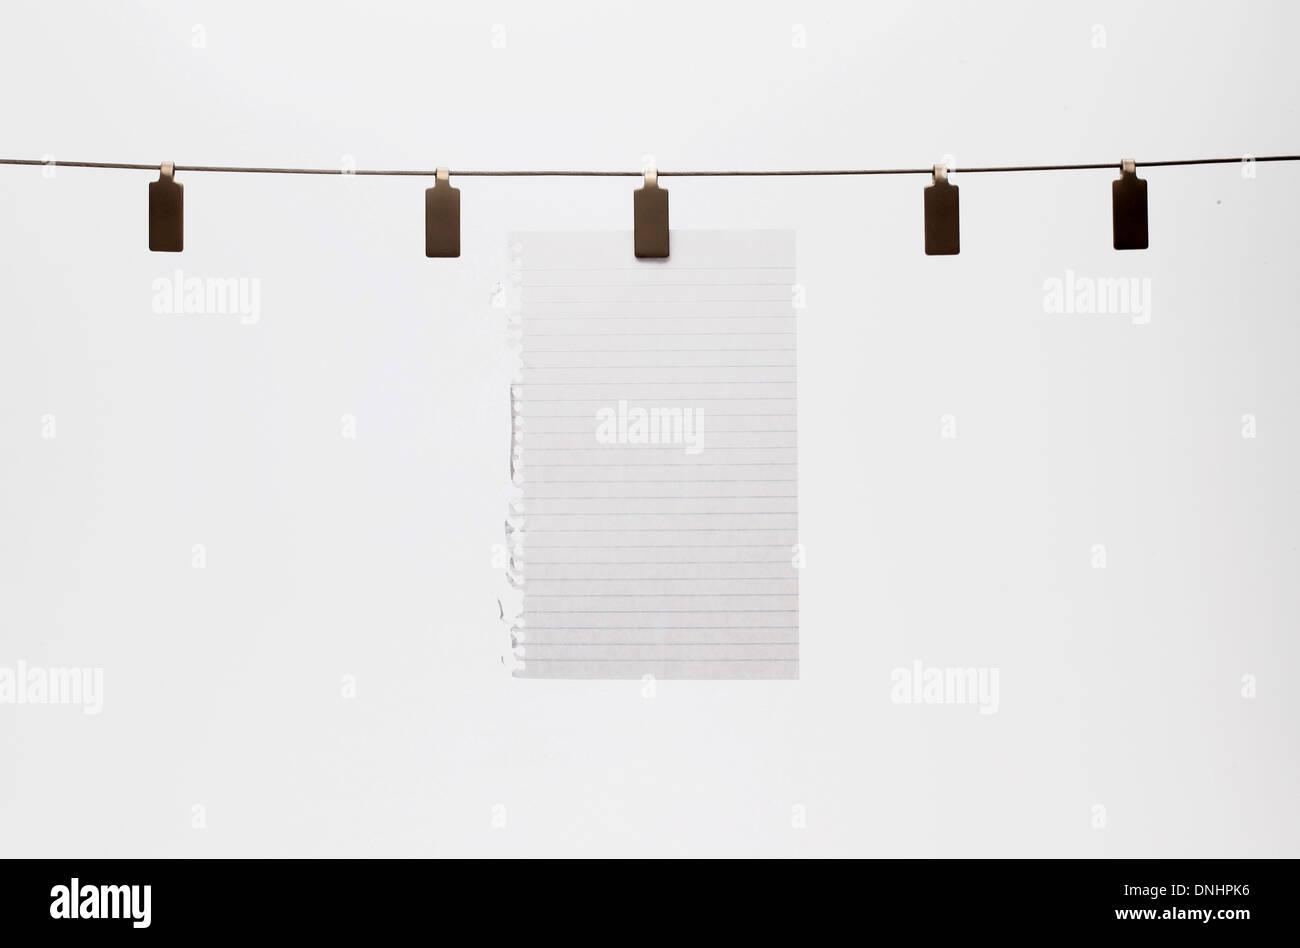 Ein leeres Blatt Papier mit einem Clip zu einem geraden Draht hängen. Weißem Hintergrund Stockbild